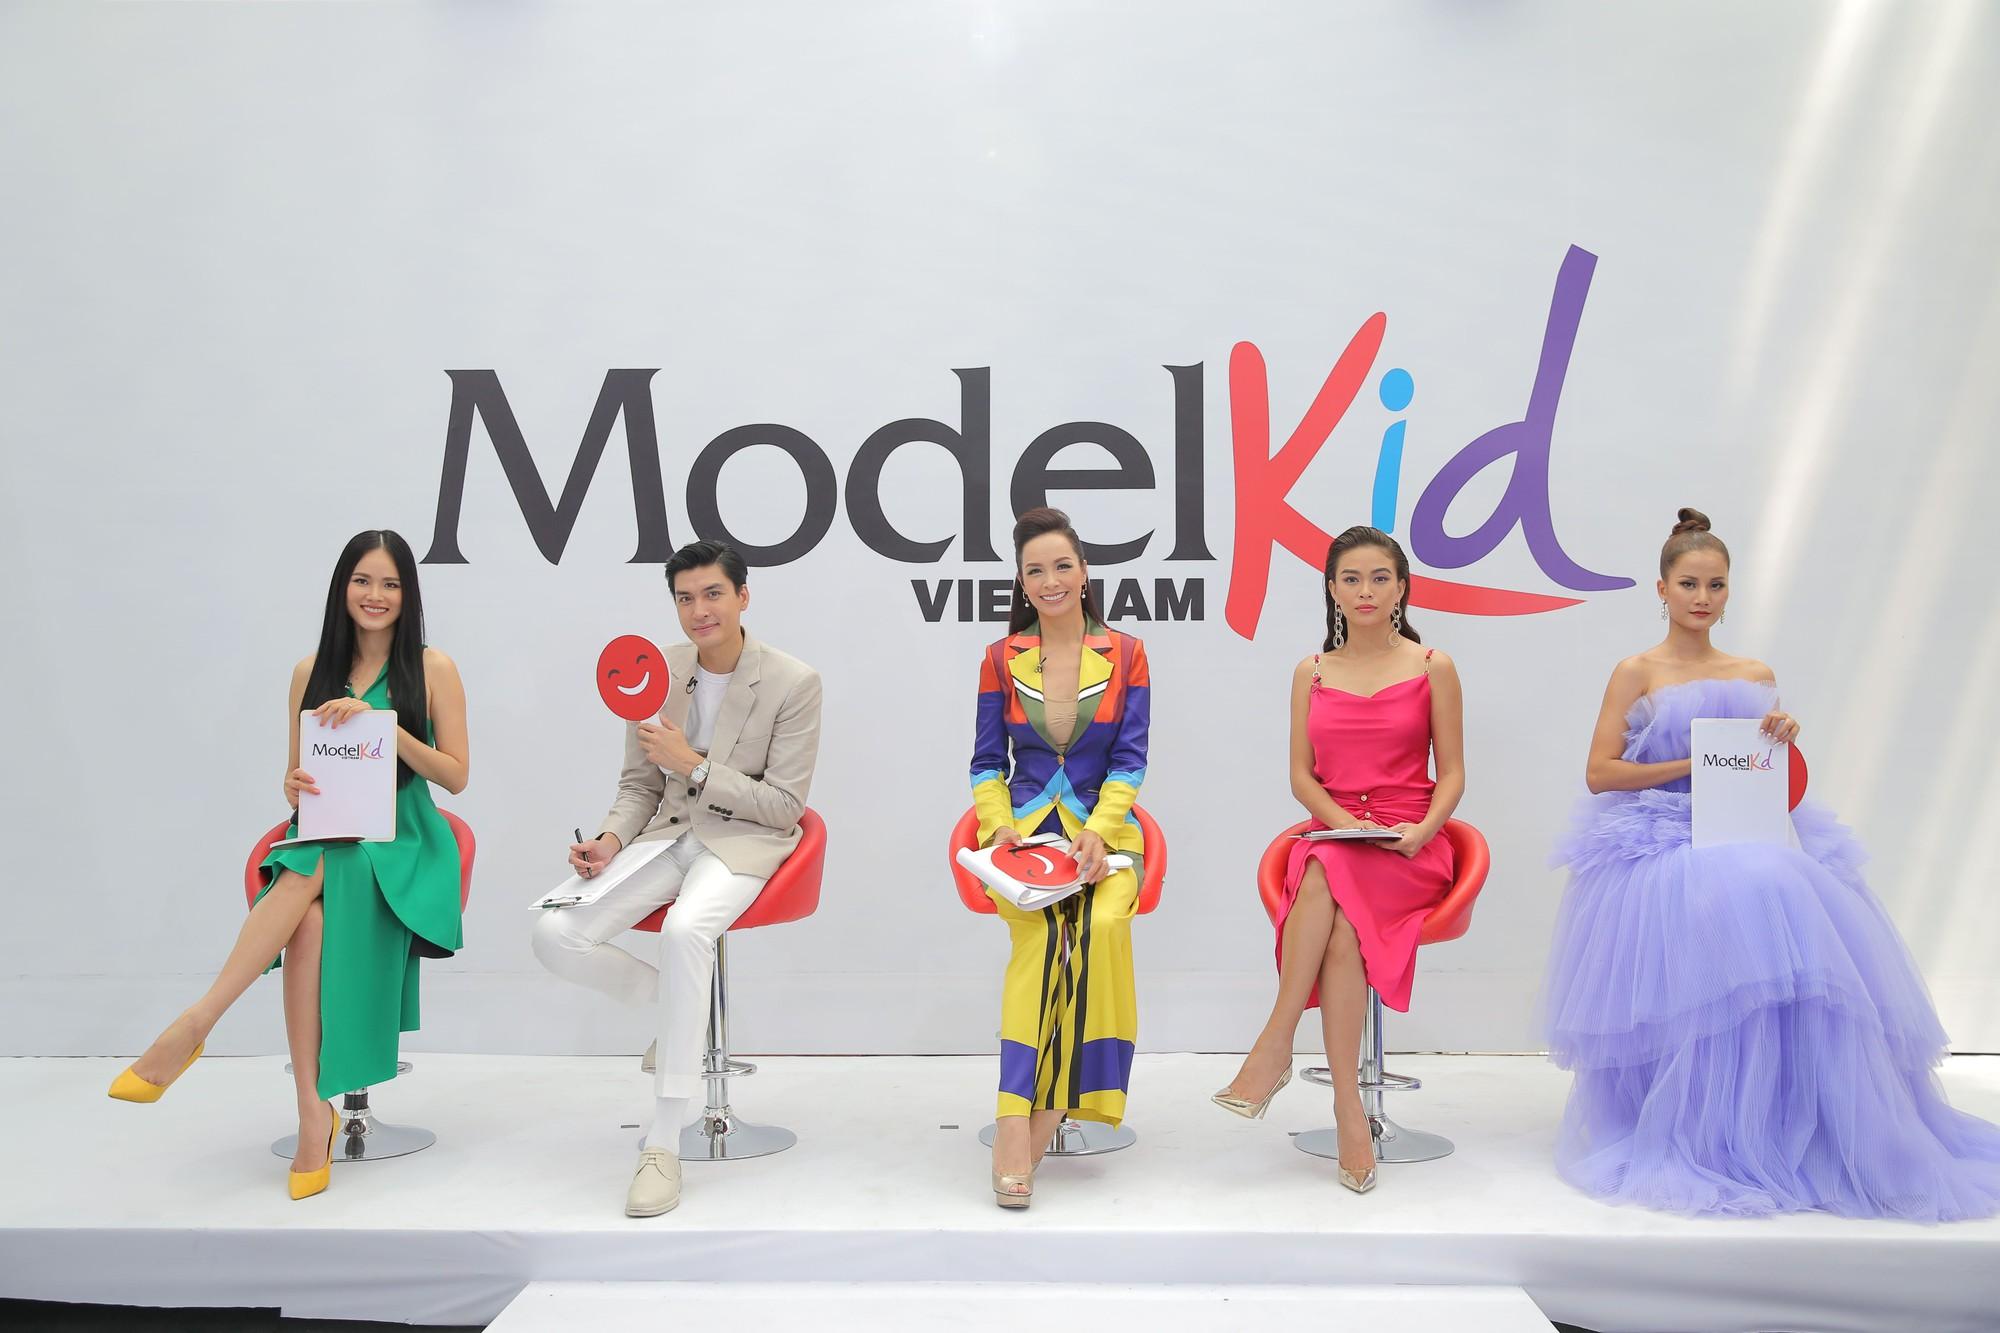 Bà Trang Lê - giám đốc sản xuất Model Kid Vietnam: Tôi rất bức xúc khi nhiều nơi dạy các bé trình diễn như người lớn - Ảnh 6.